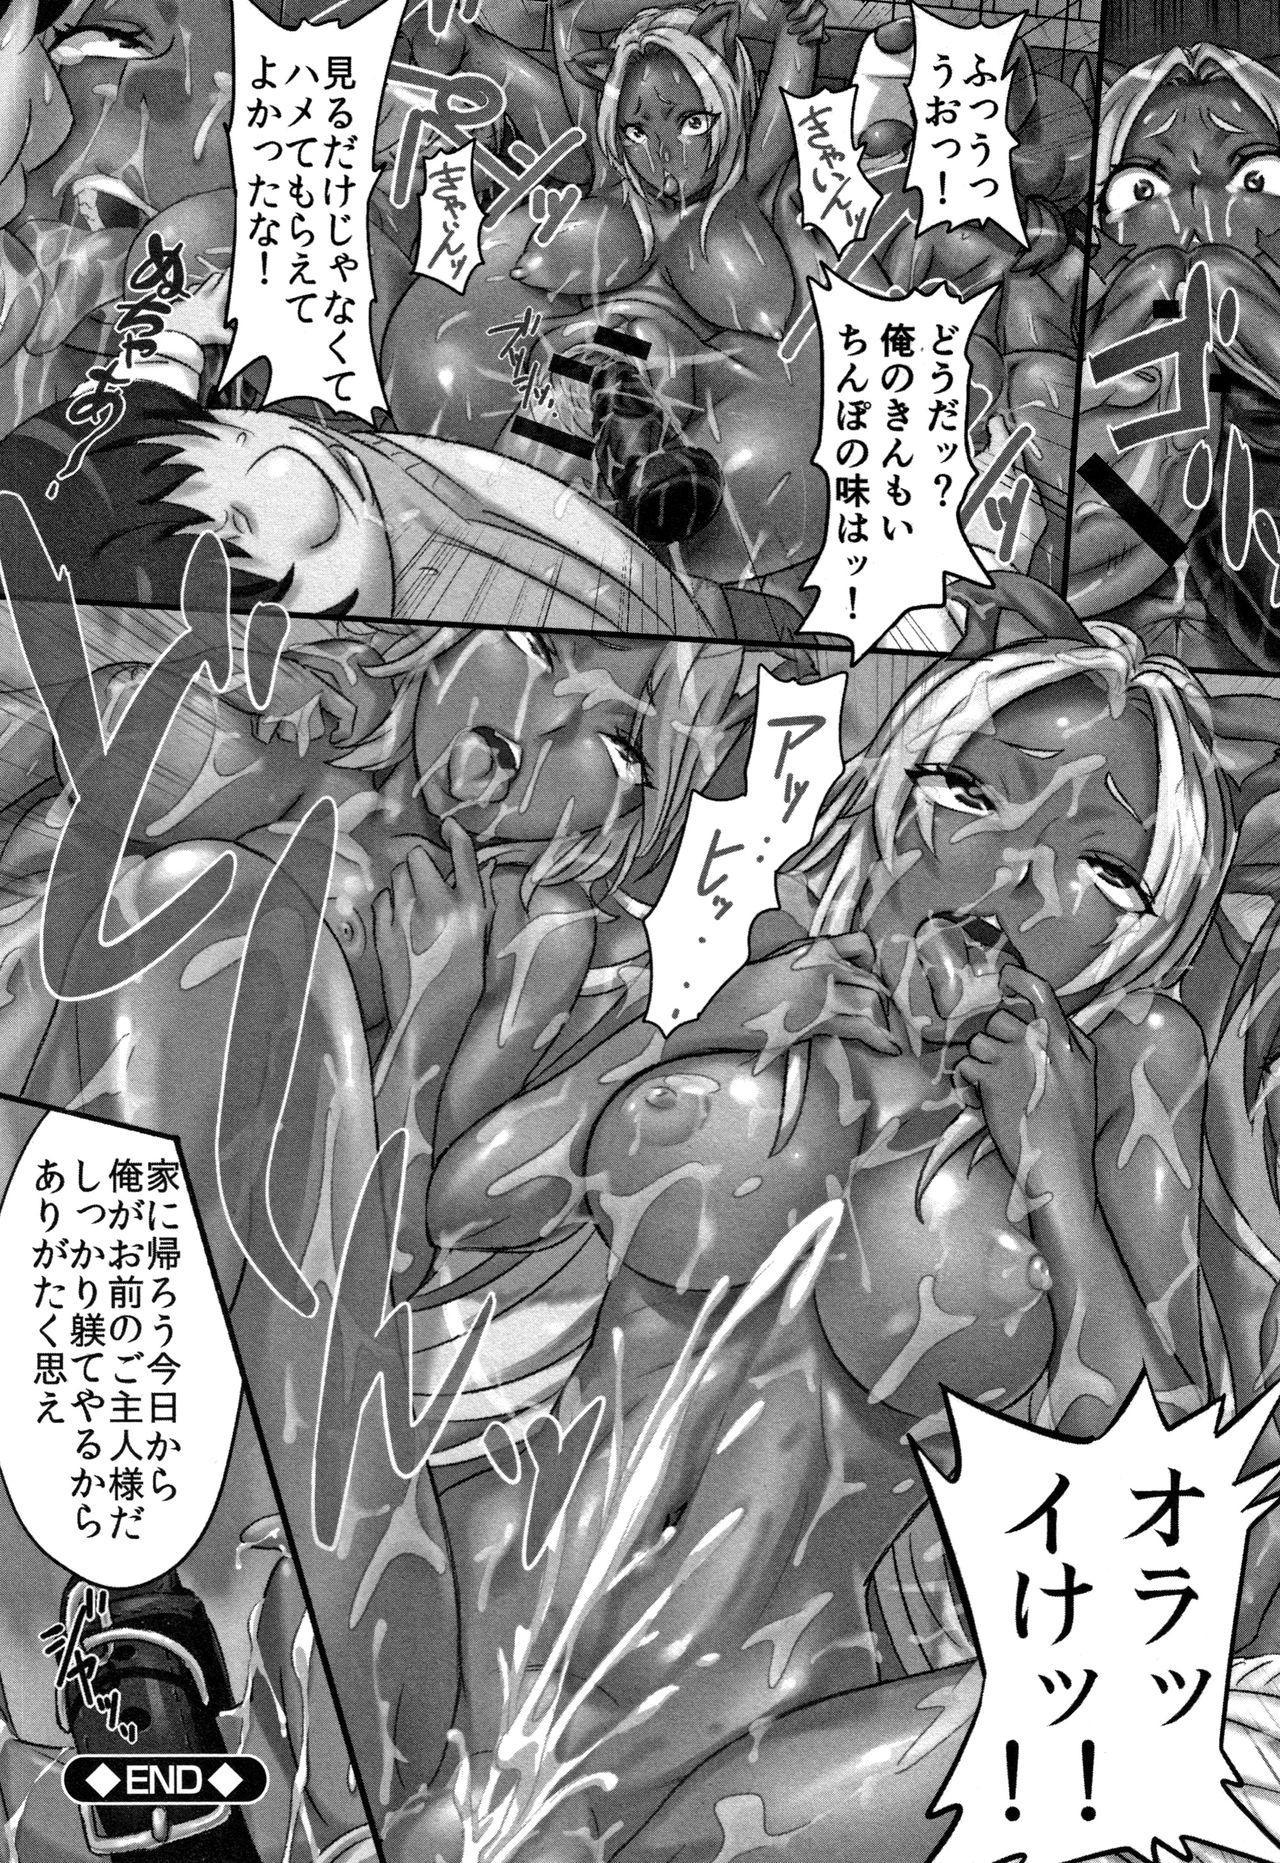 Kansen Sodom - Infection SODOM 203